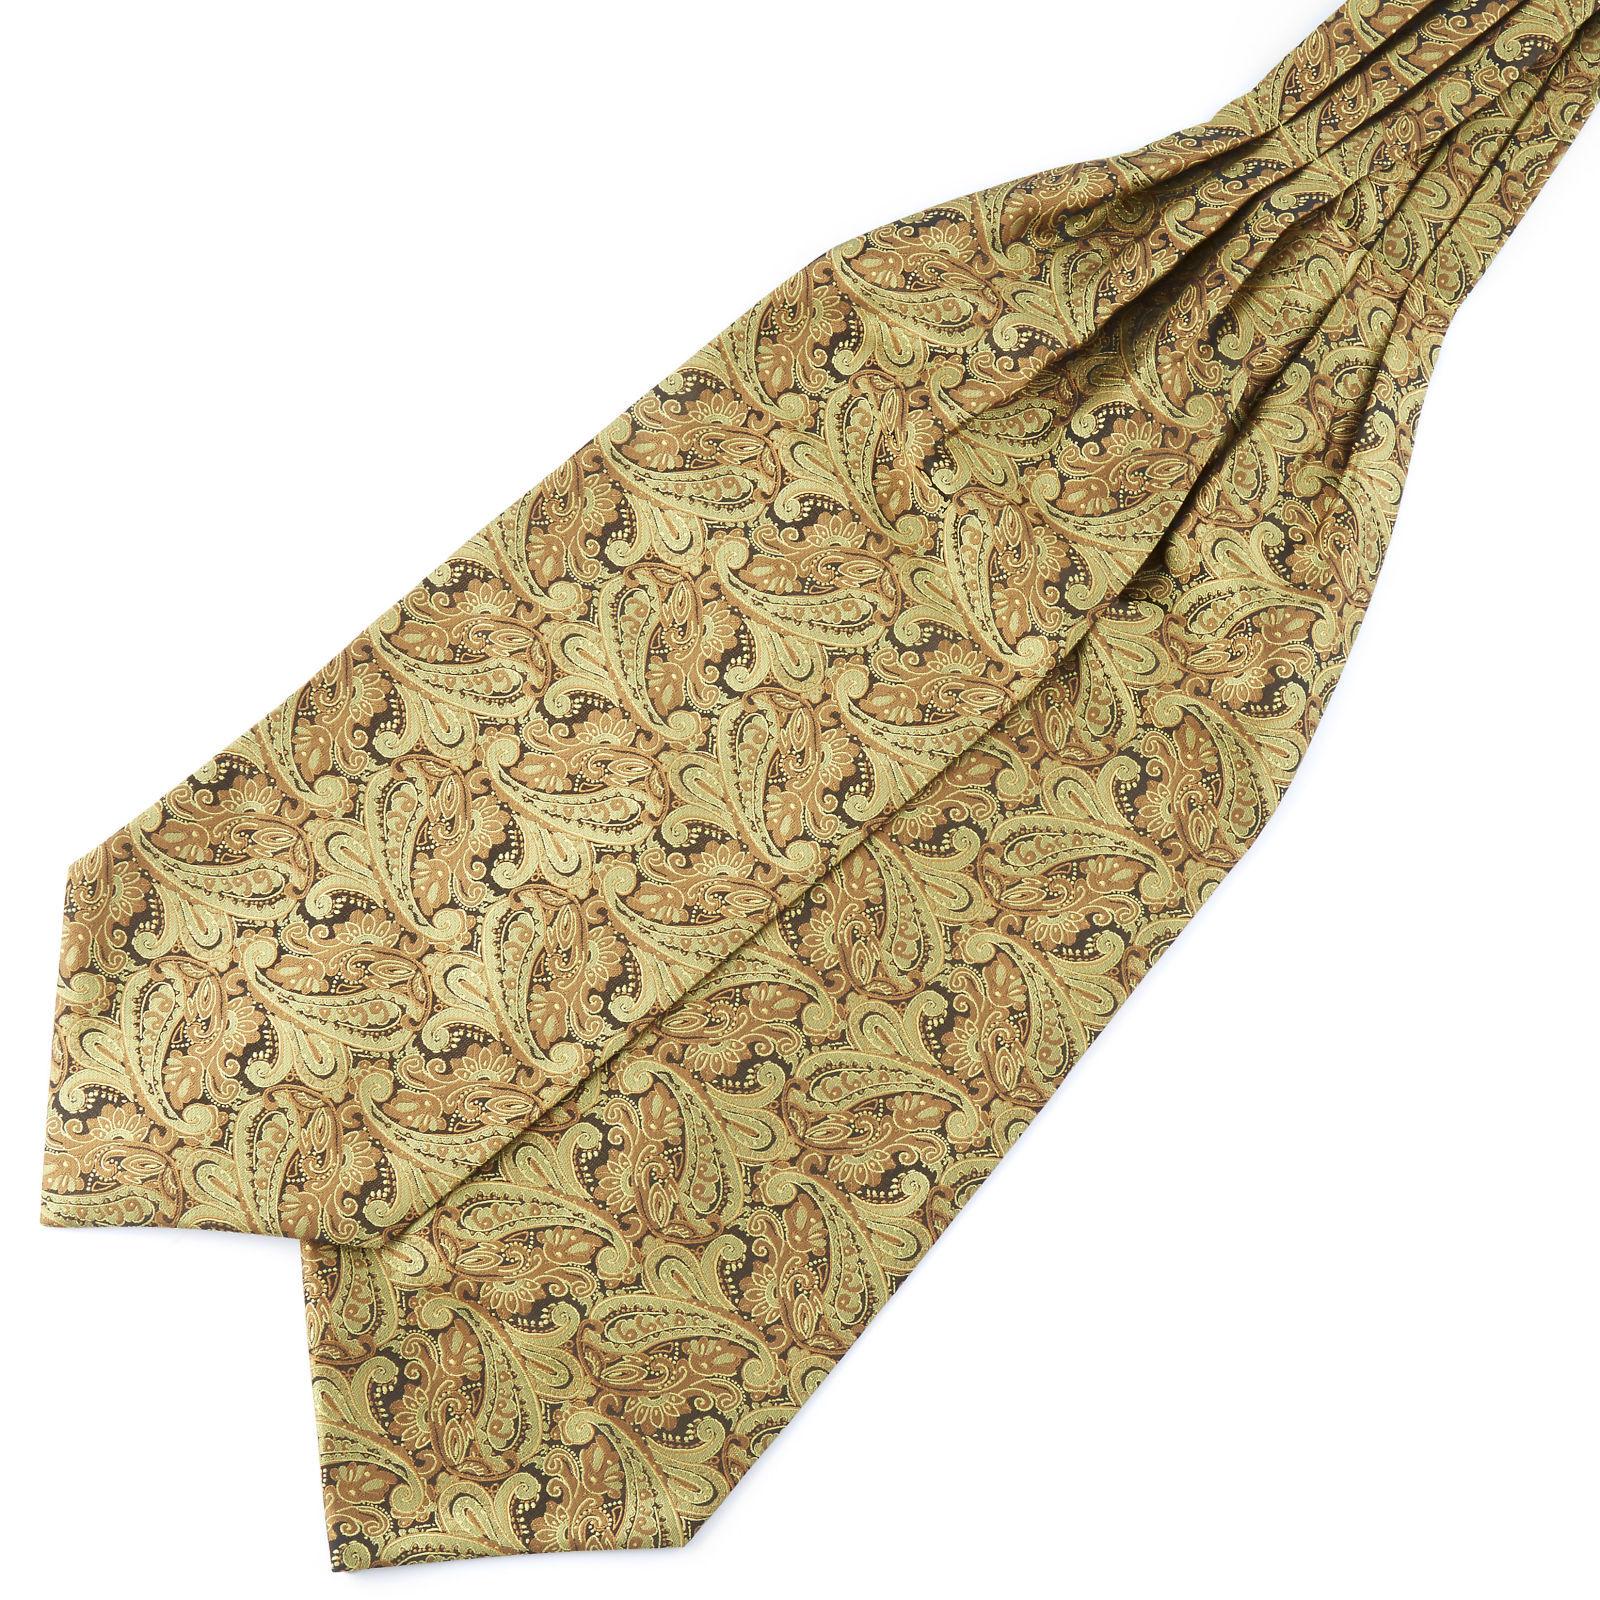 Tailor Toki Kullanvärinen kasmirkuvioinen polyesteri ascot-solmio